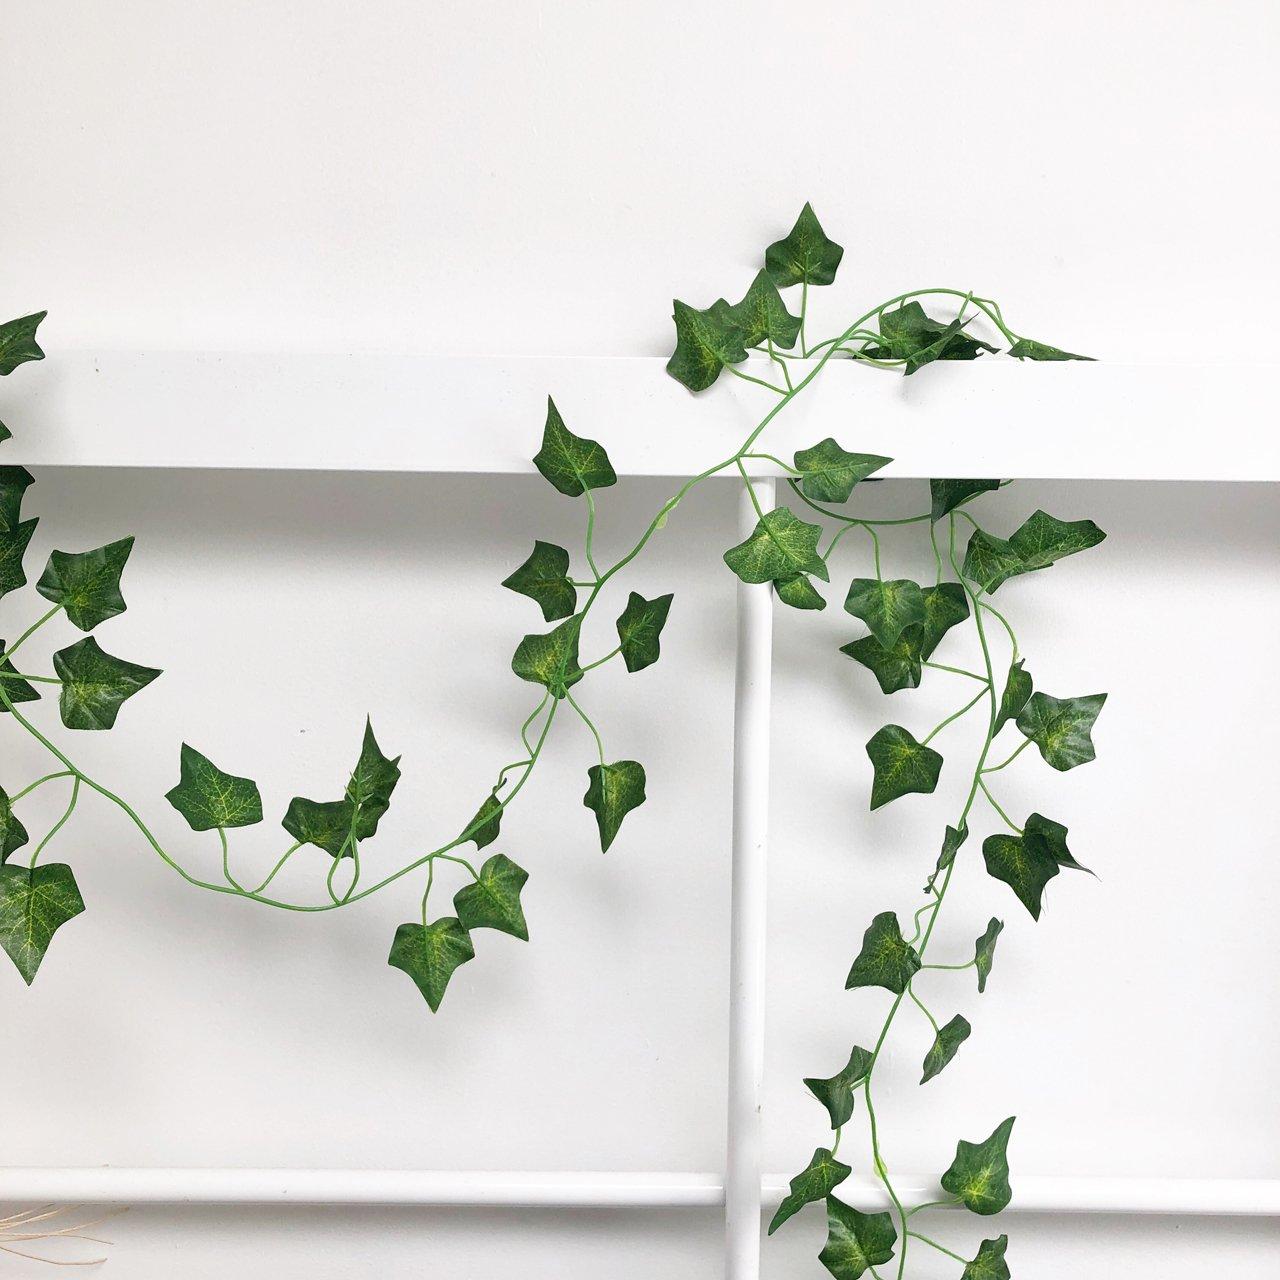 Decorative ivy garland decorate barn beams wedding venues